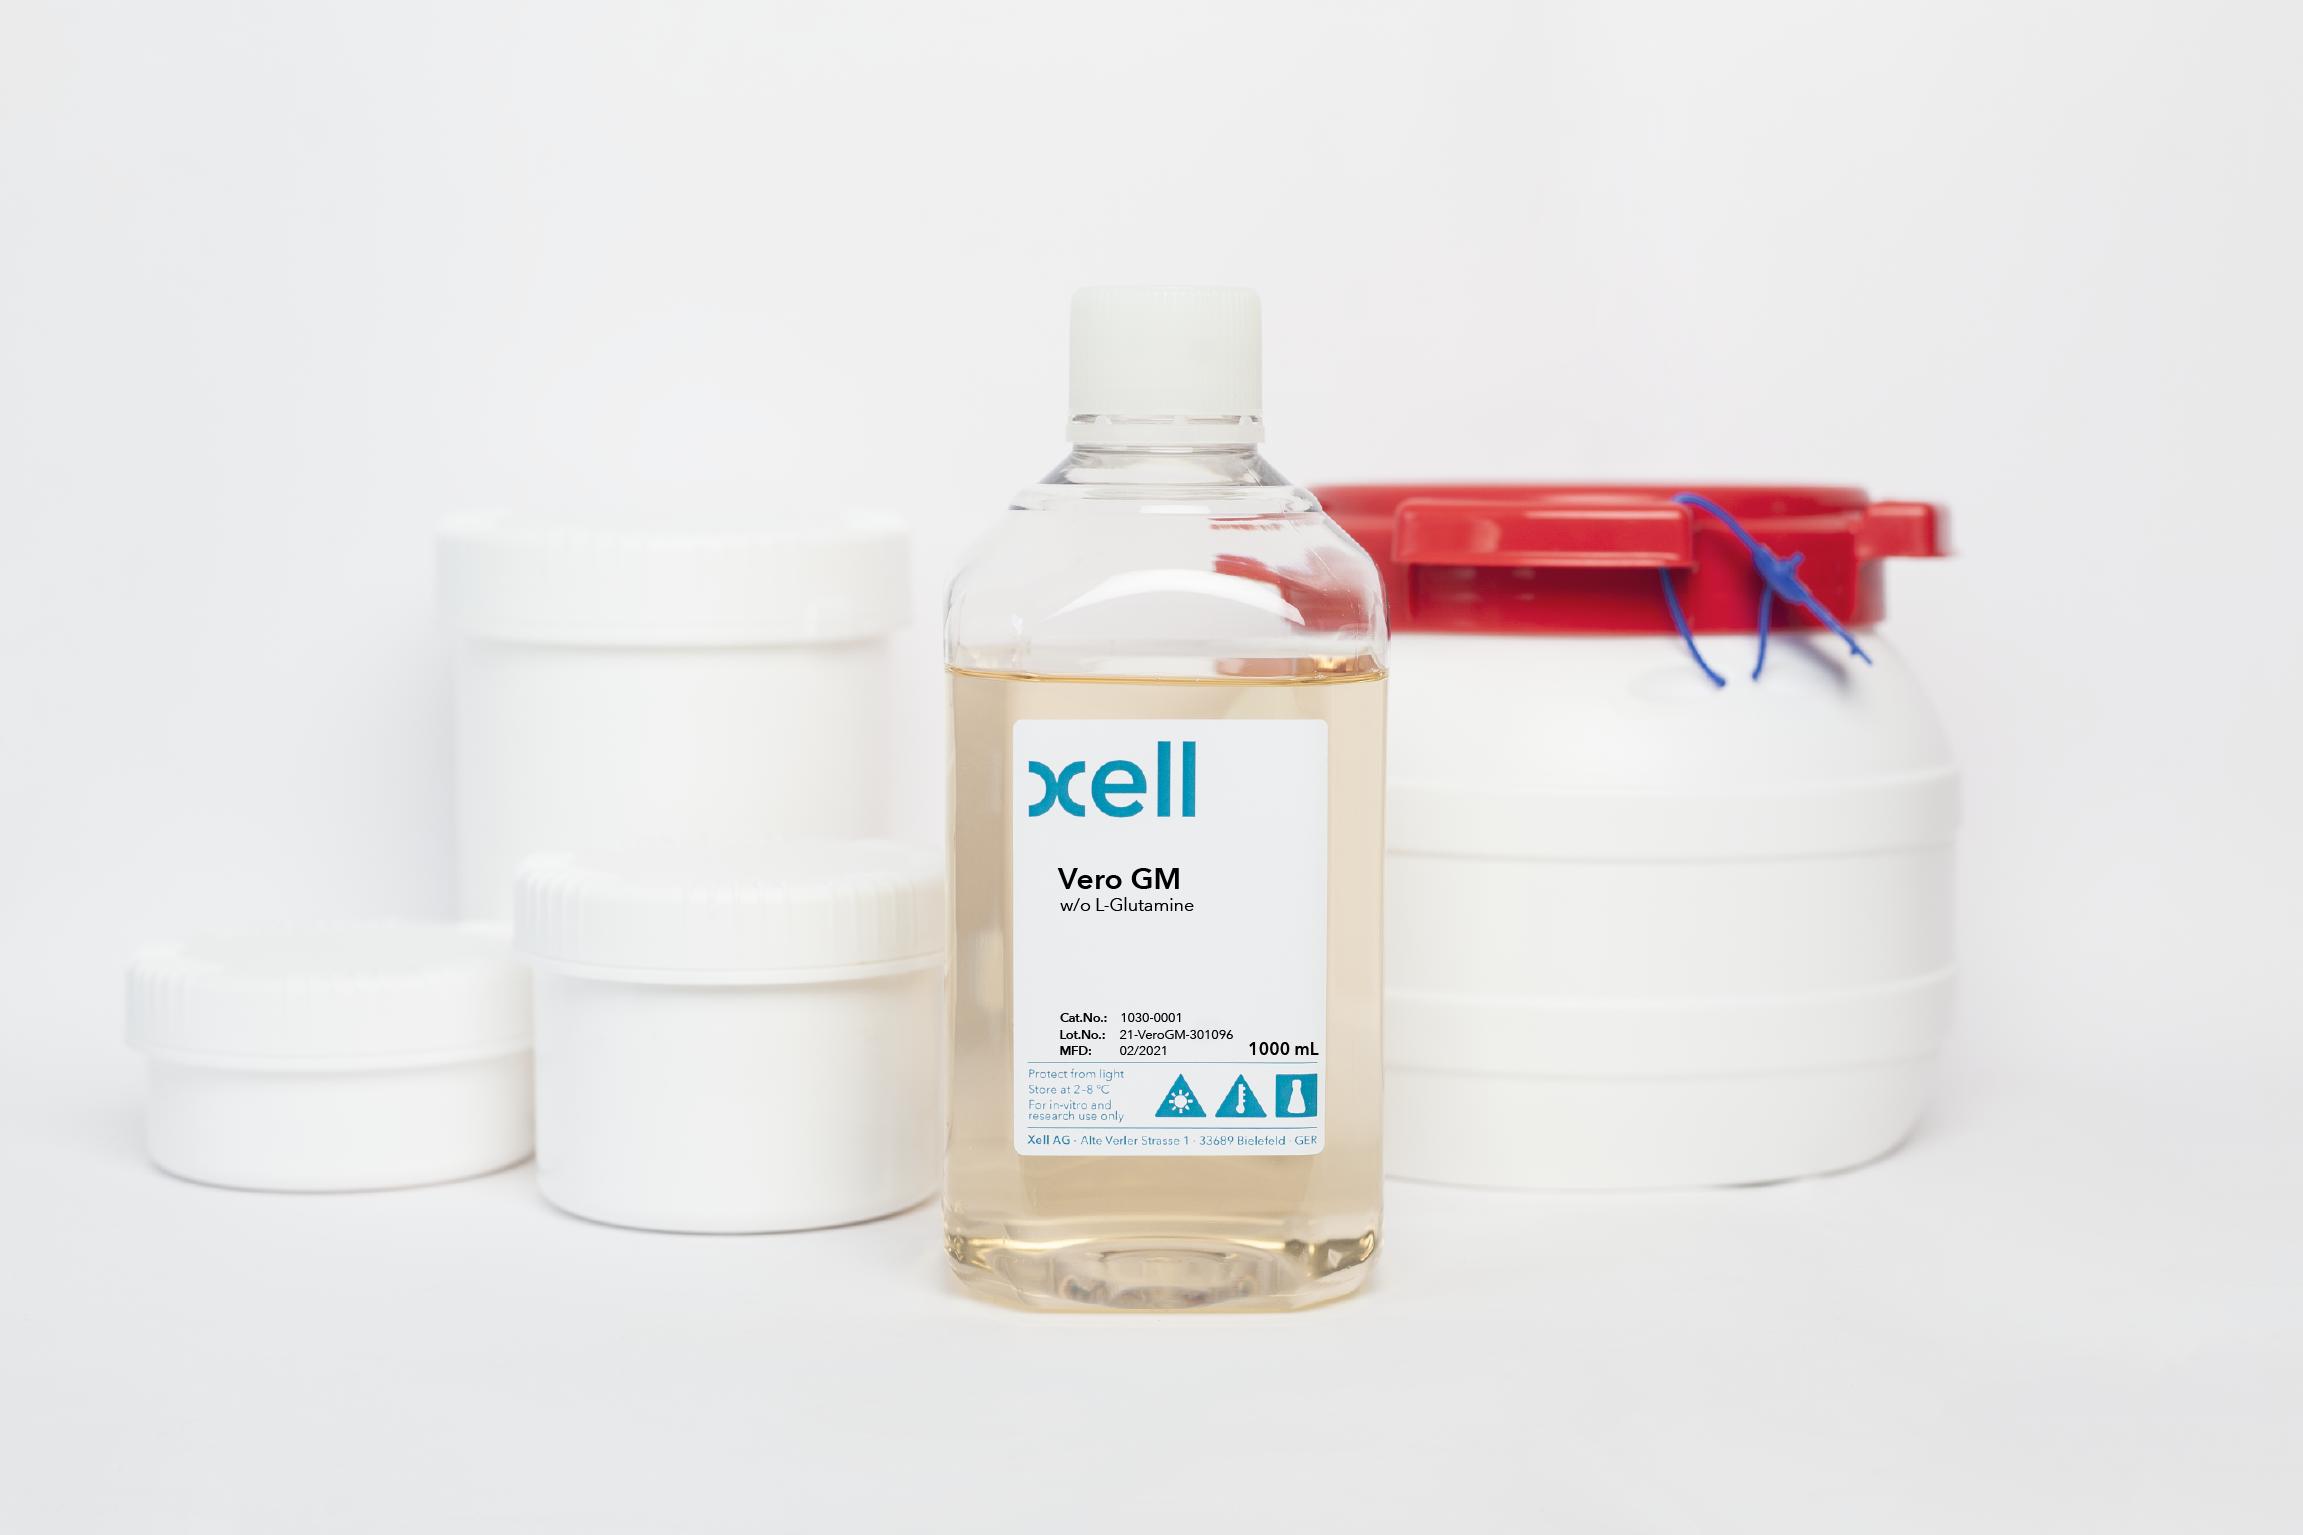 Vero GM | Cell culture medium